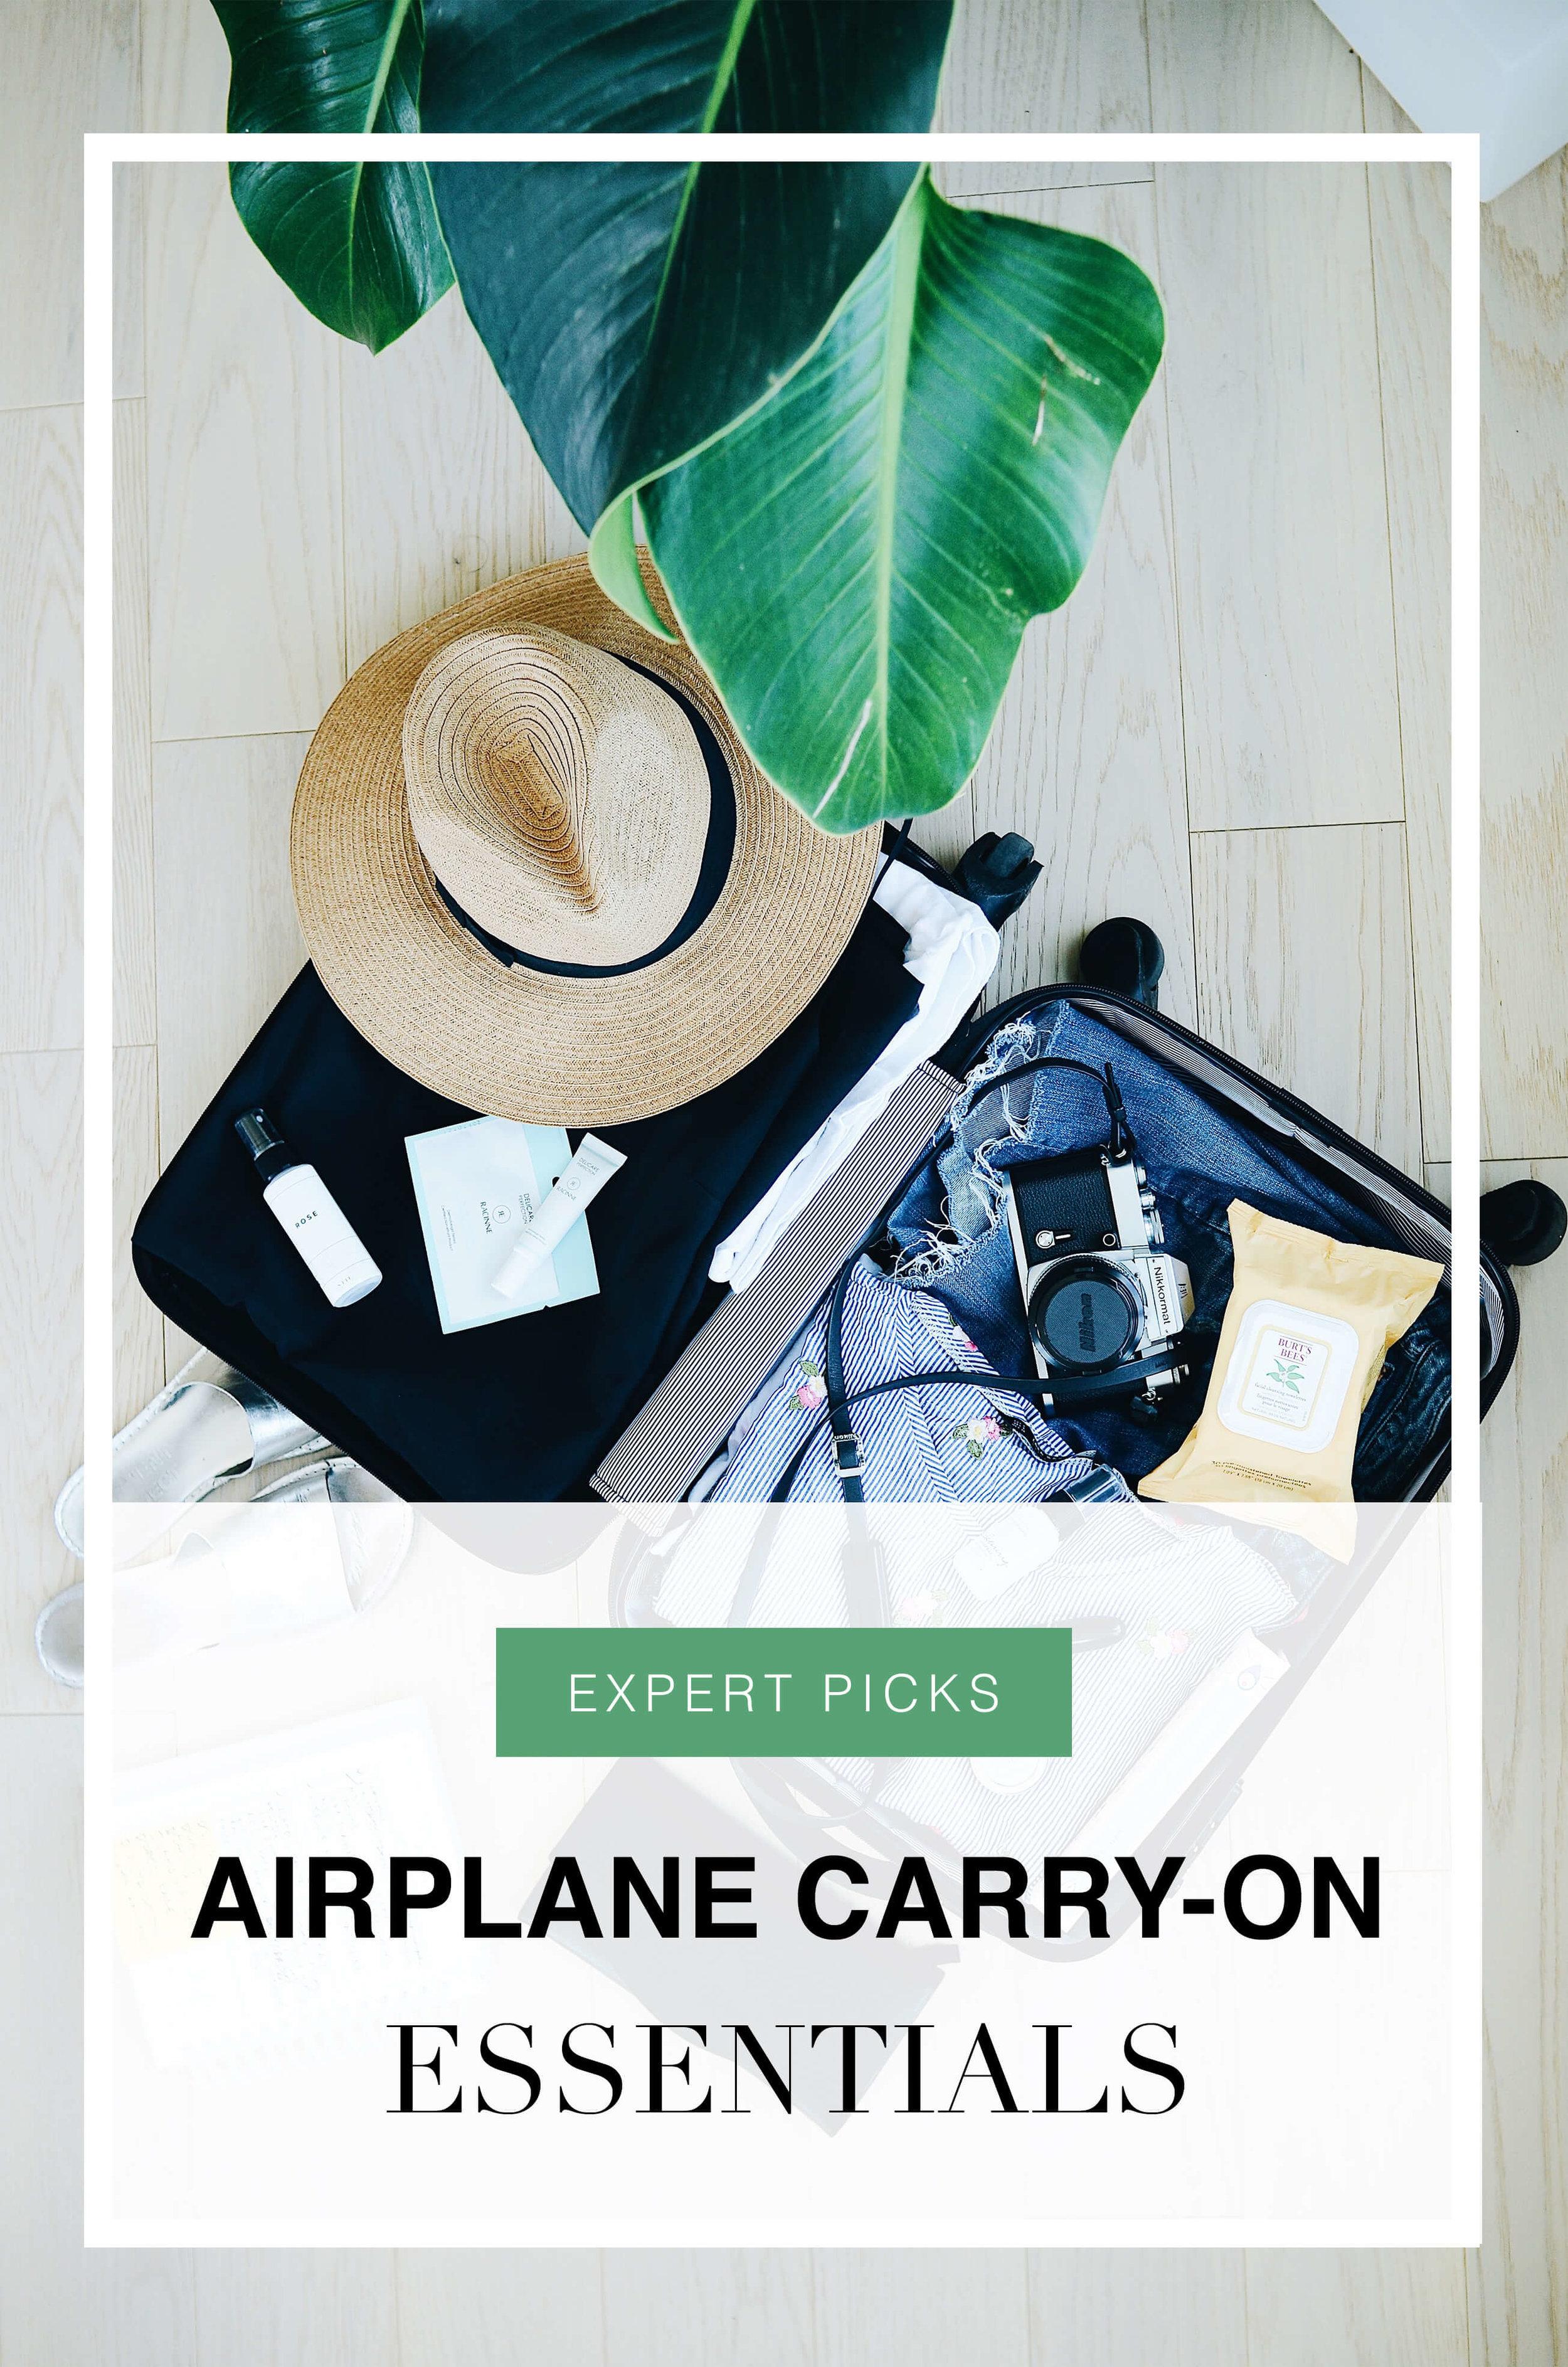 ExpertPicks-Airplane-CarryOn-Essentials.jpg